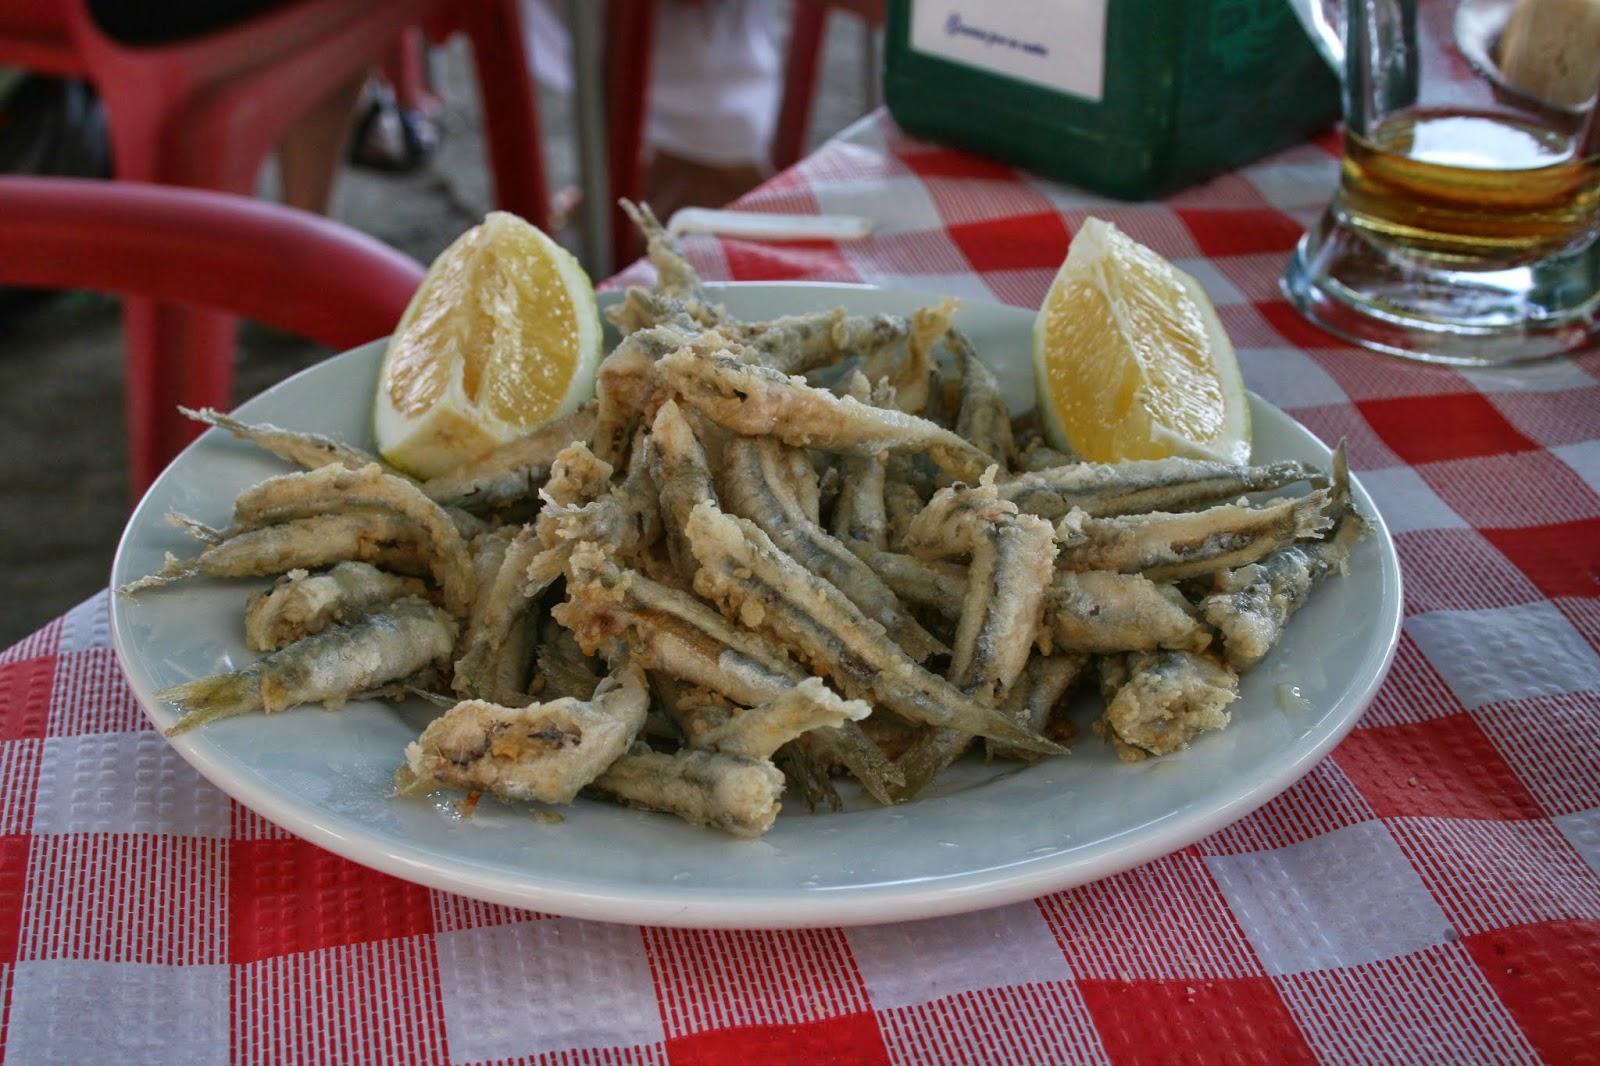 Pescado frito espana